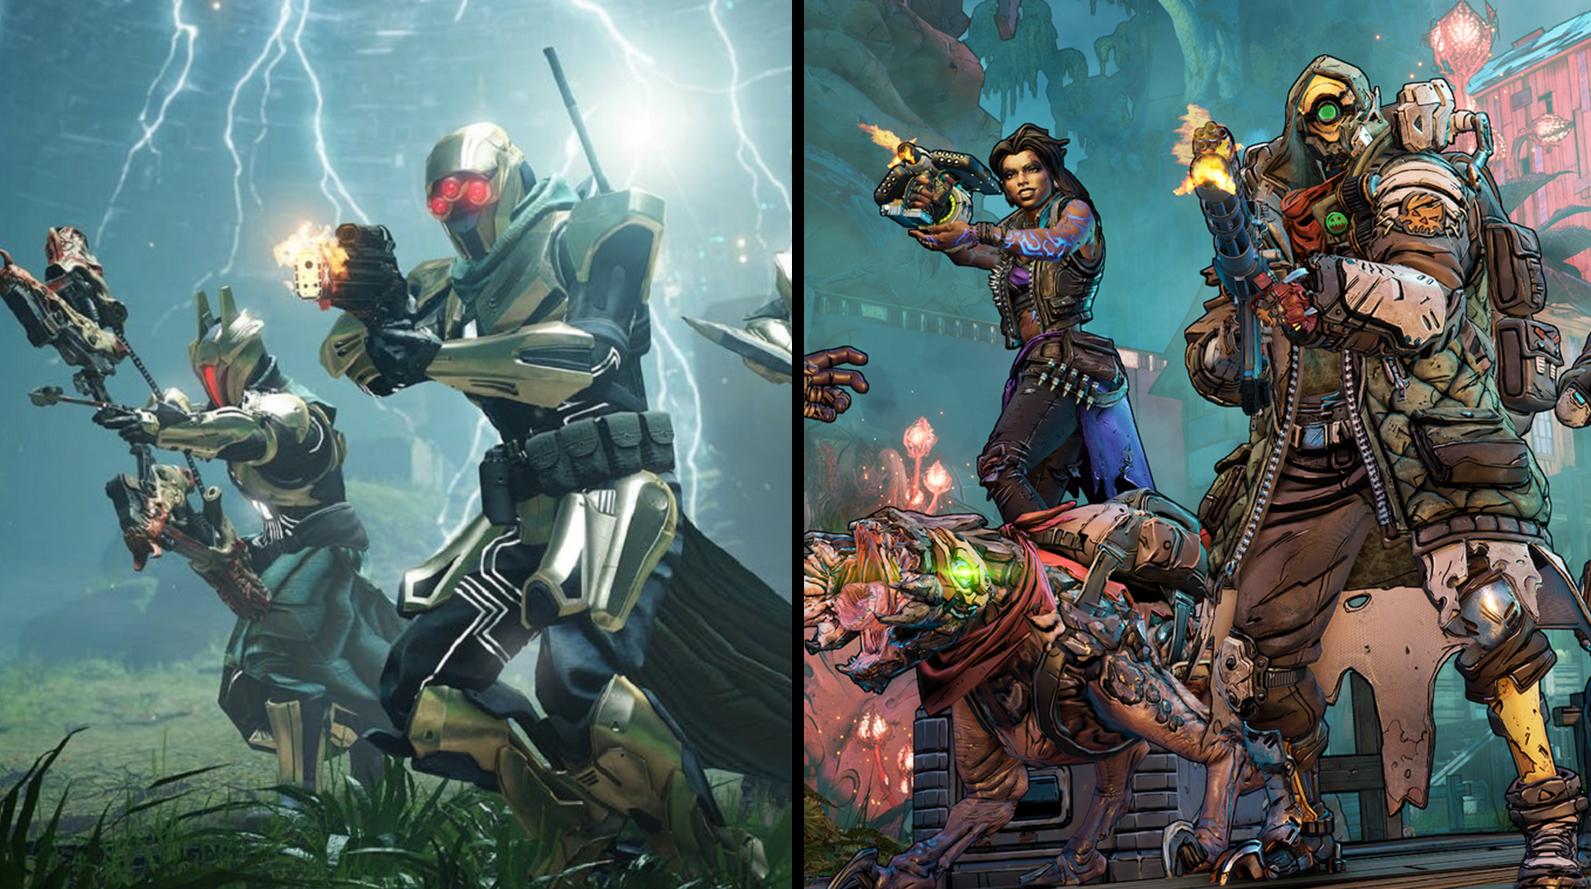 Bungie - Destiny 2 / Gearbox - Borderlands 3